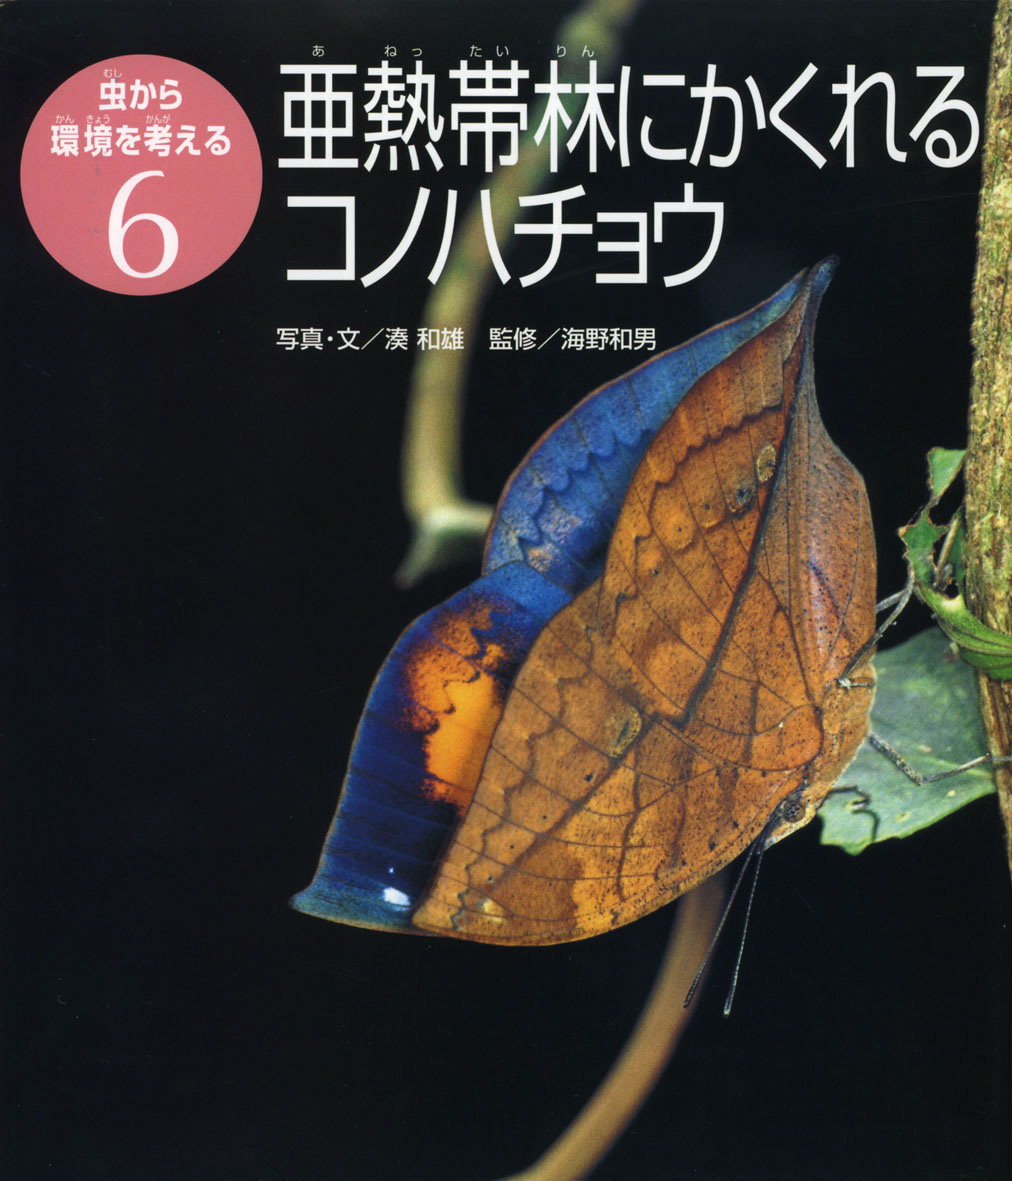 亜熱帯林にかくれるコノハチョウ